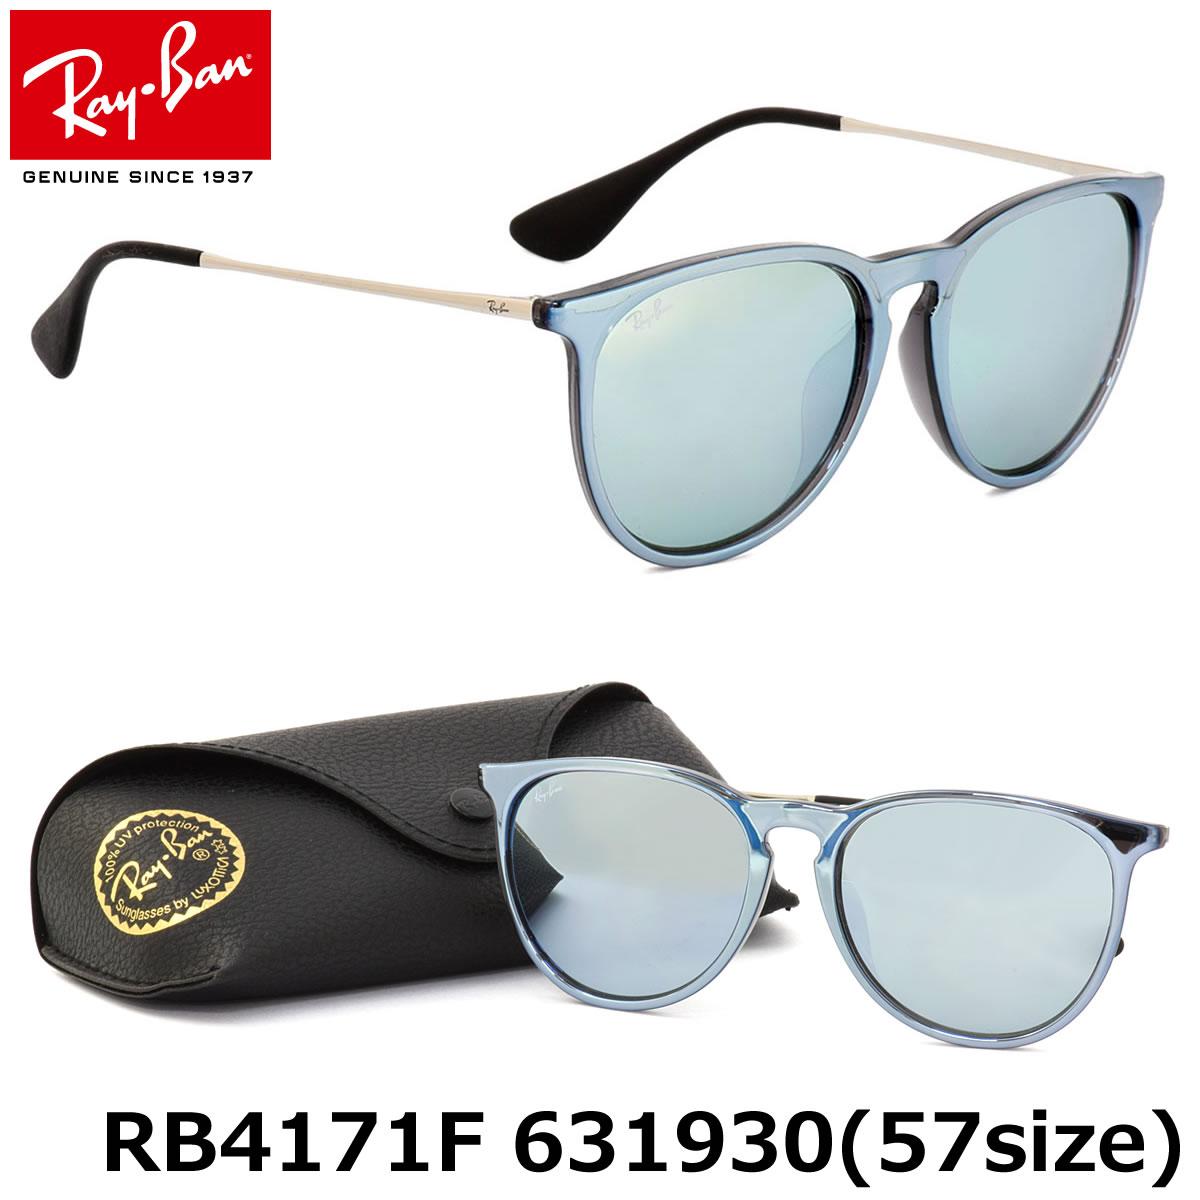 【10月30日からエントリーで全品ポイント20倍】レイバン サングラス ミラー エリカ Ray-Ban RB4171F 631930 57サイズ レイバン RAYBAN ERIKA FLASH LENSES 6319/30 ボストン 丸メガネ フルフィット メンズ レディース